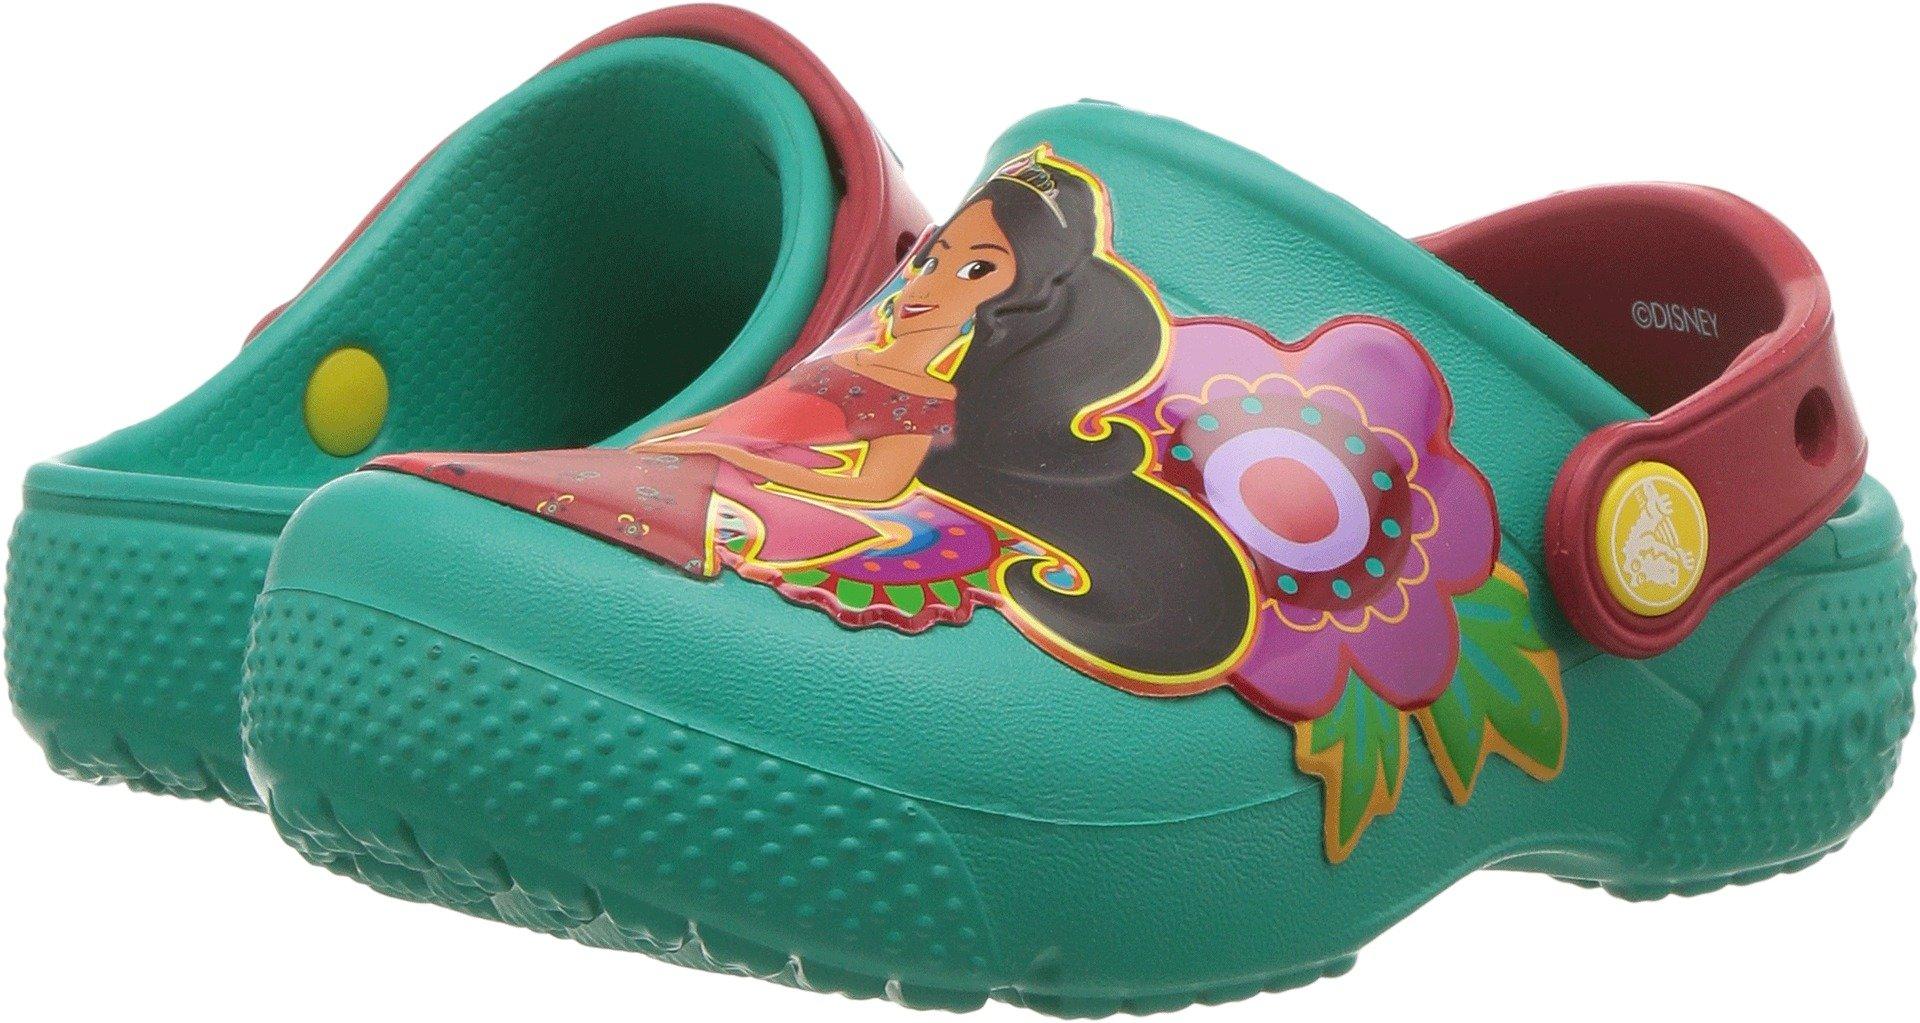 Crocs Girls' FL Elena of Avalor CLG K, Tropical Teal, 9 M US Toddler